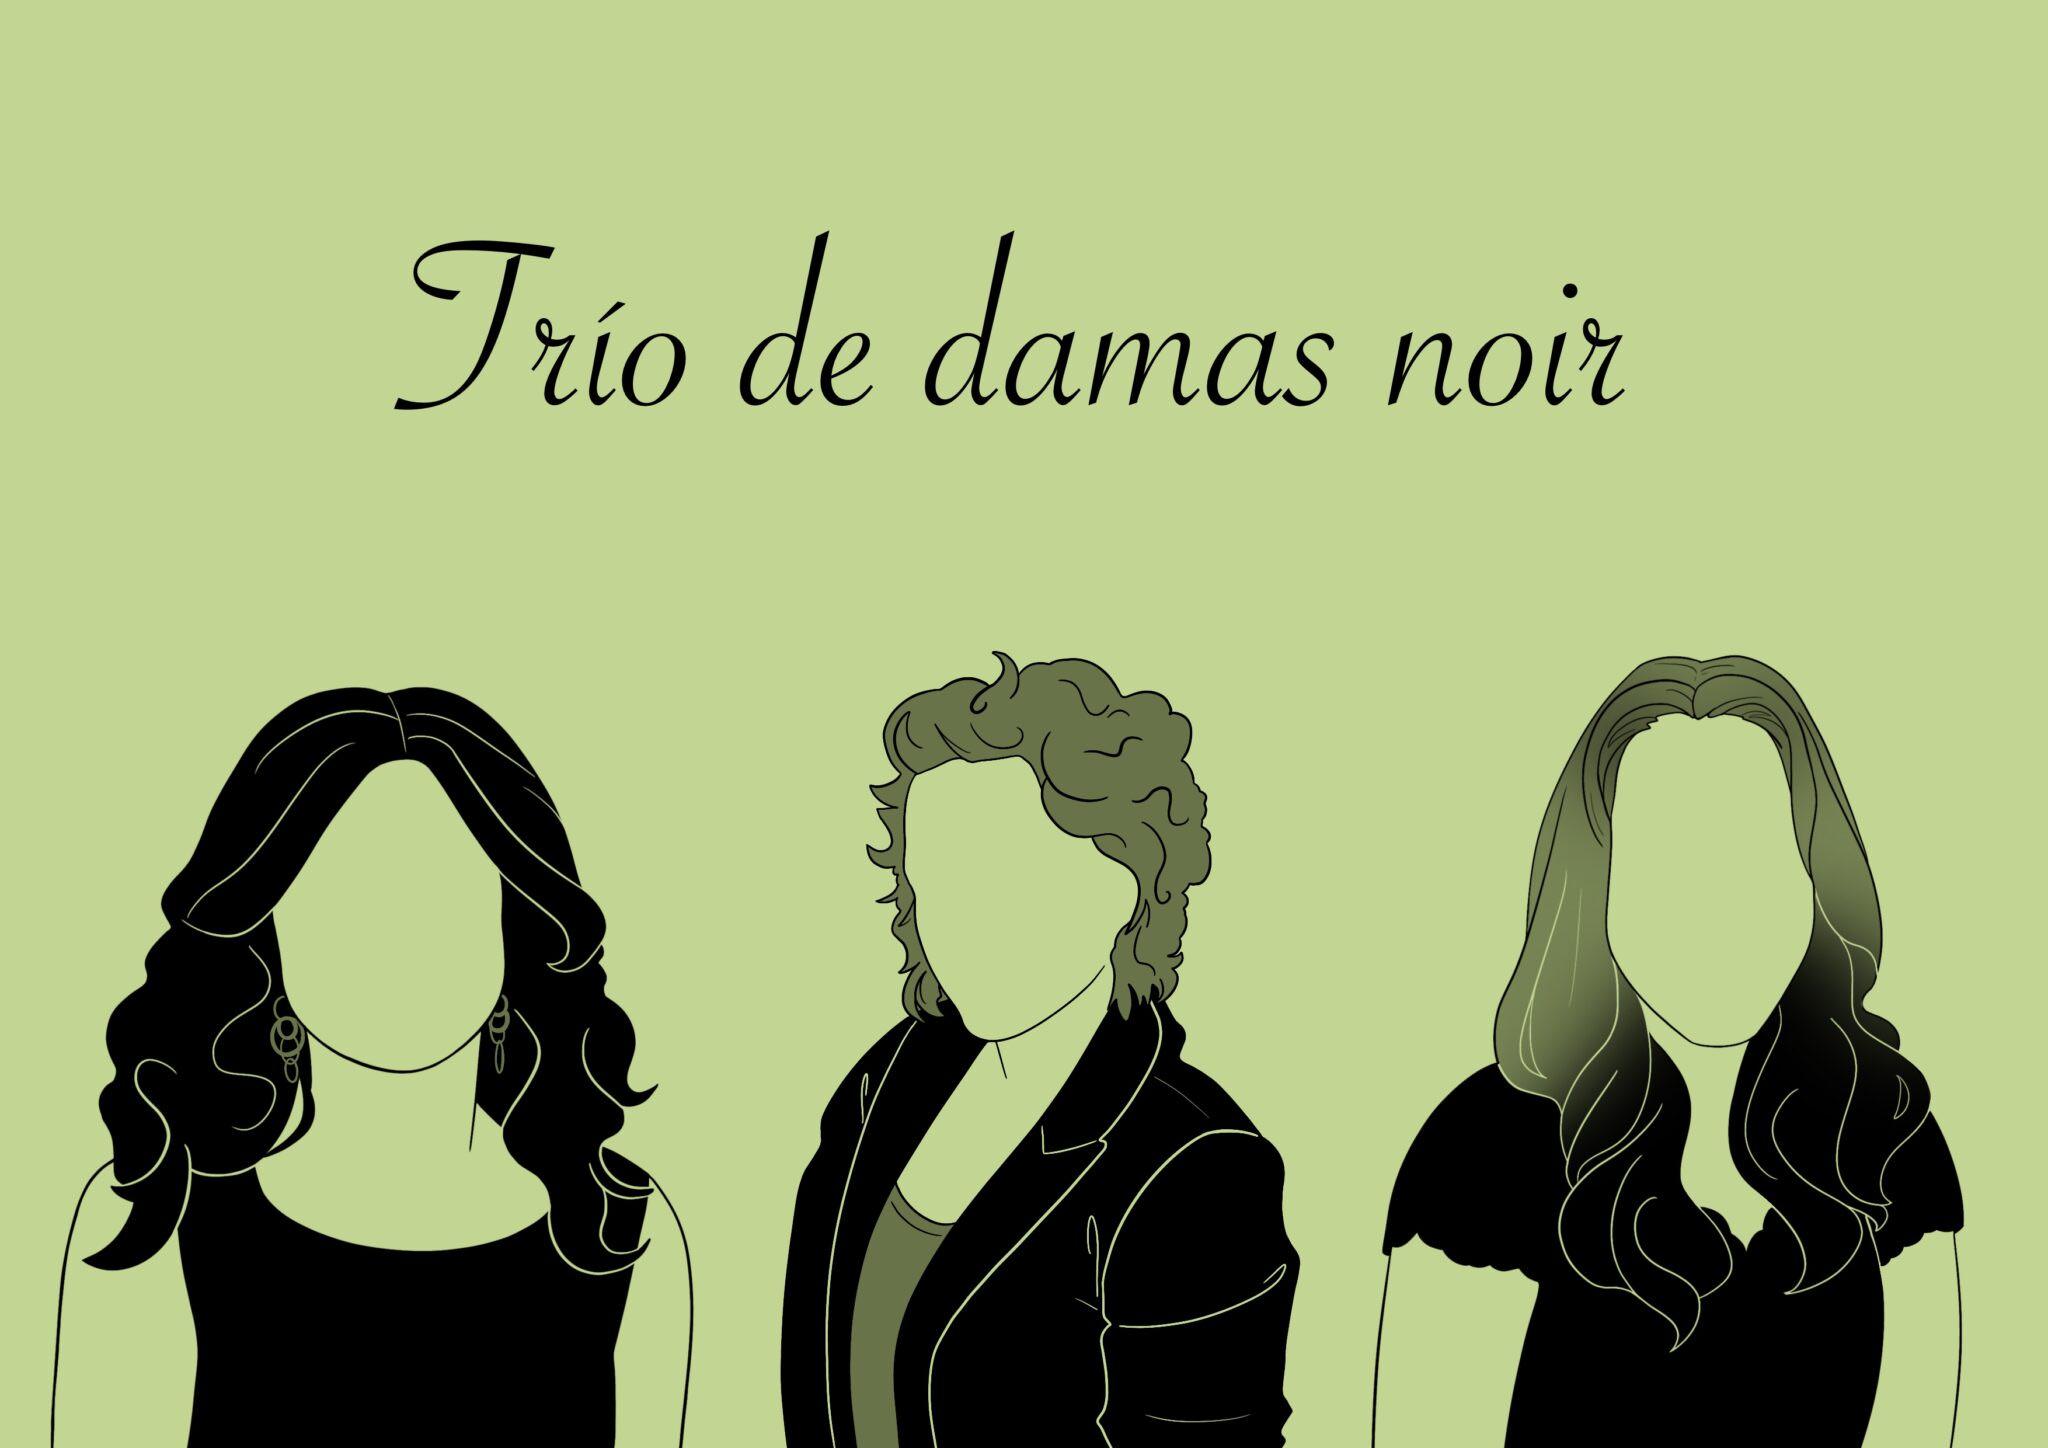 Susana Gijón, Paz Castelló y Mª Carmen Copete. Ilustración de Kai Marrón.